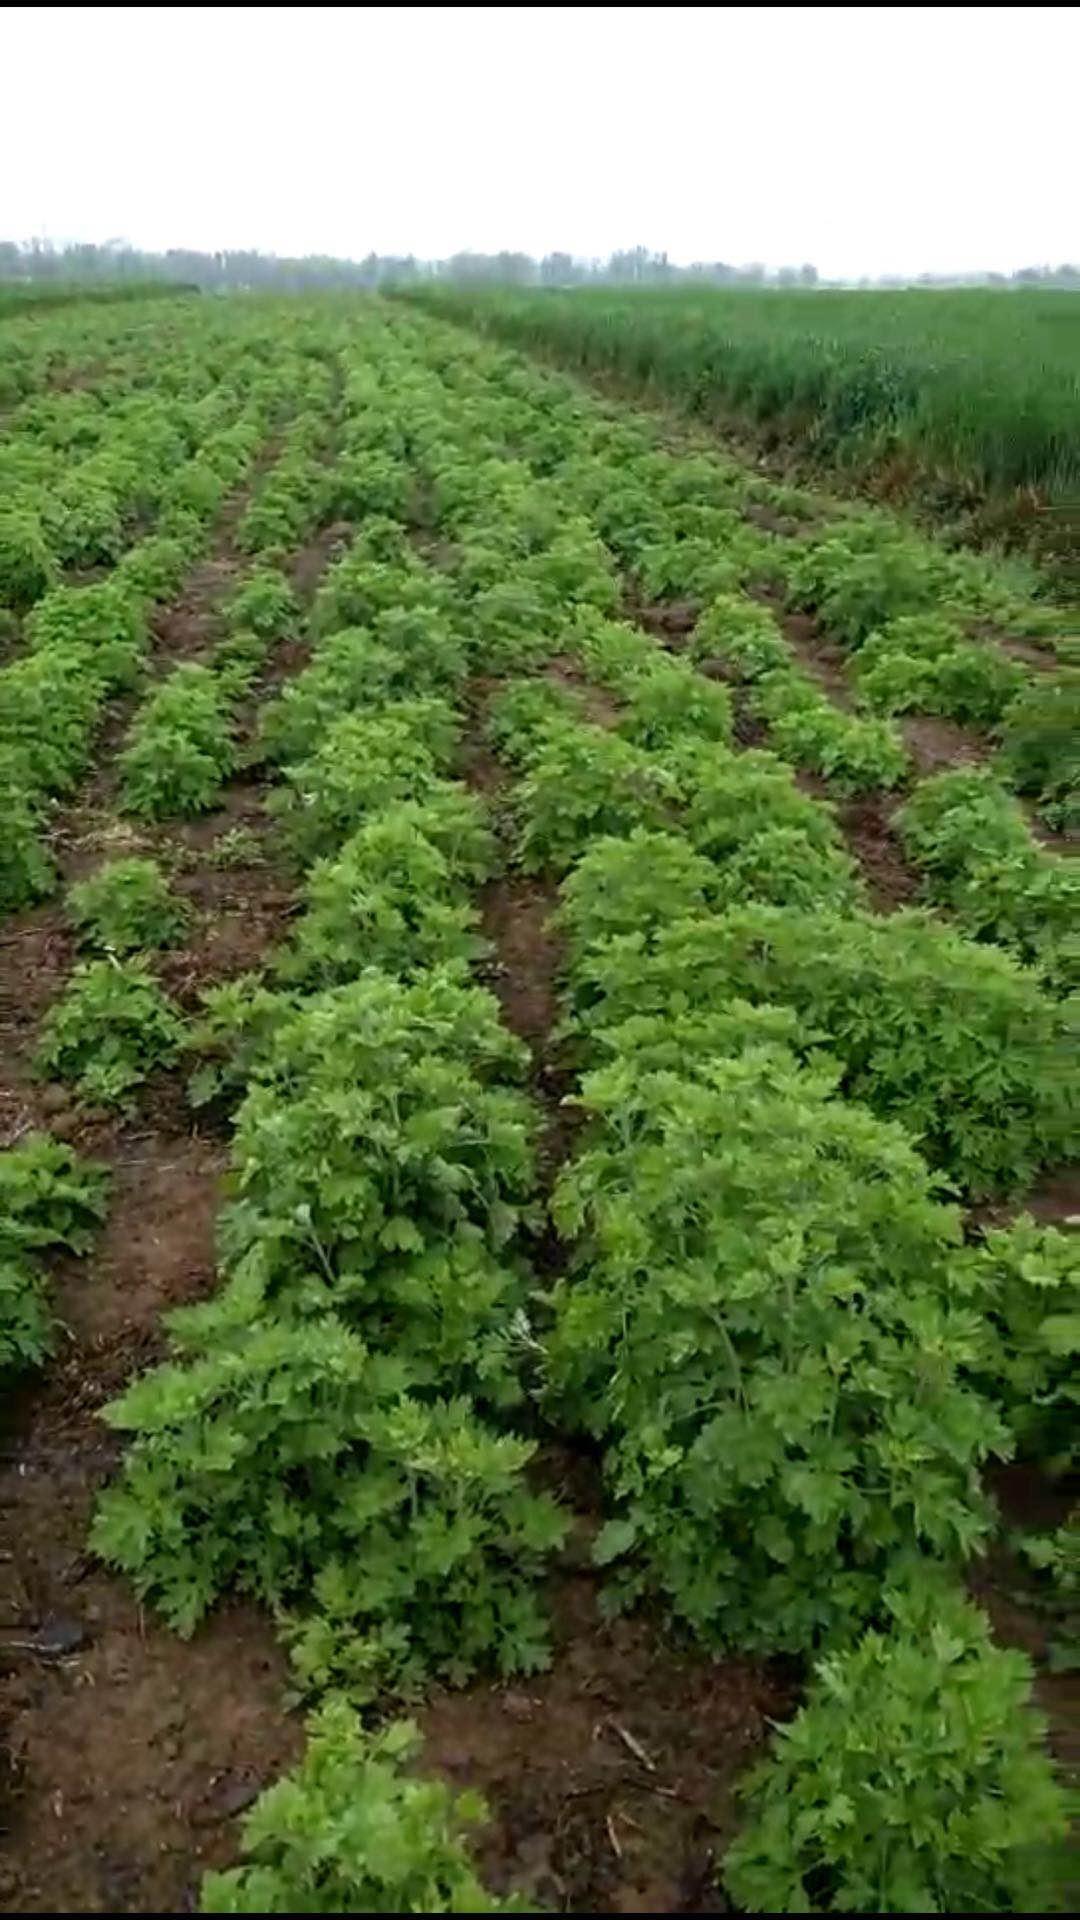 艾草种子对产量和效益的影响